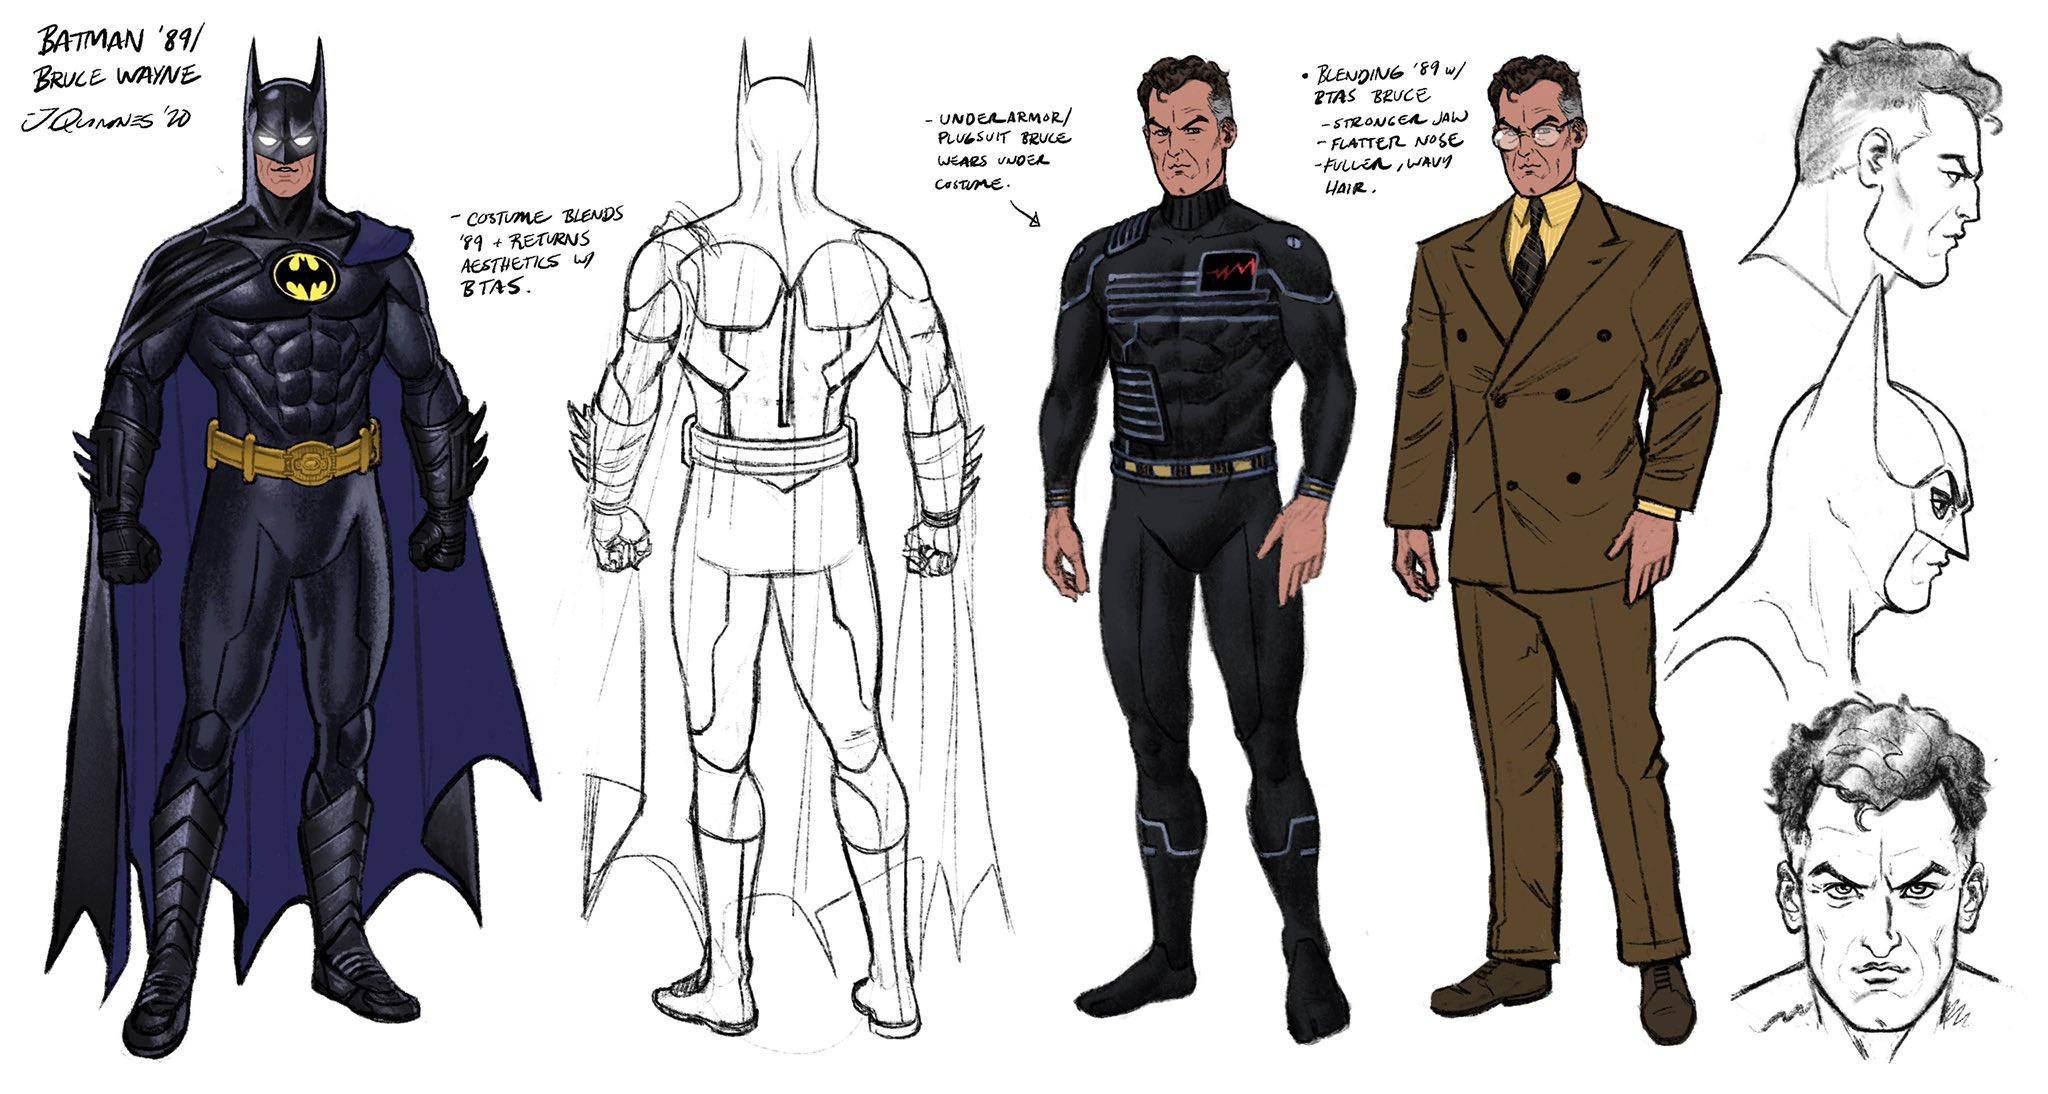 Batman'89 - szkice koncepcyjne